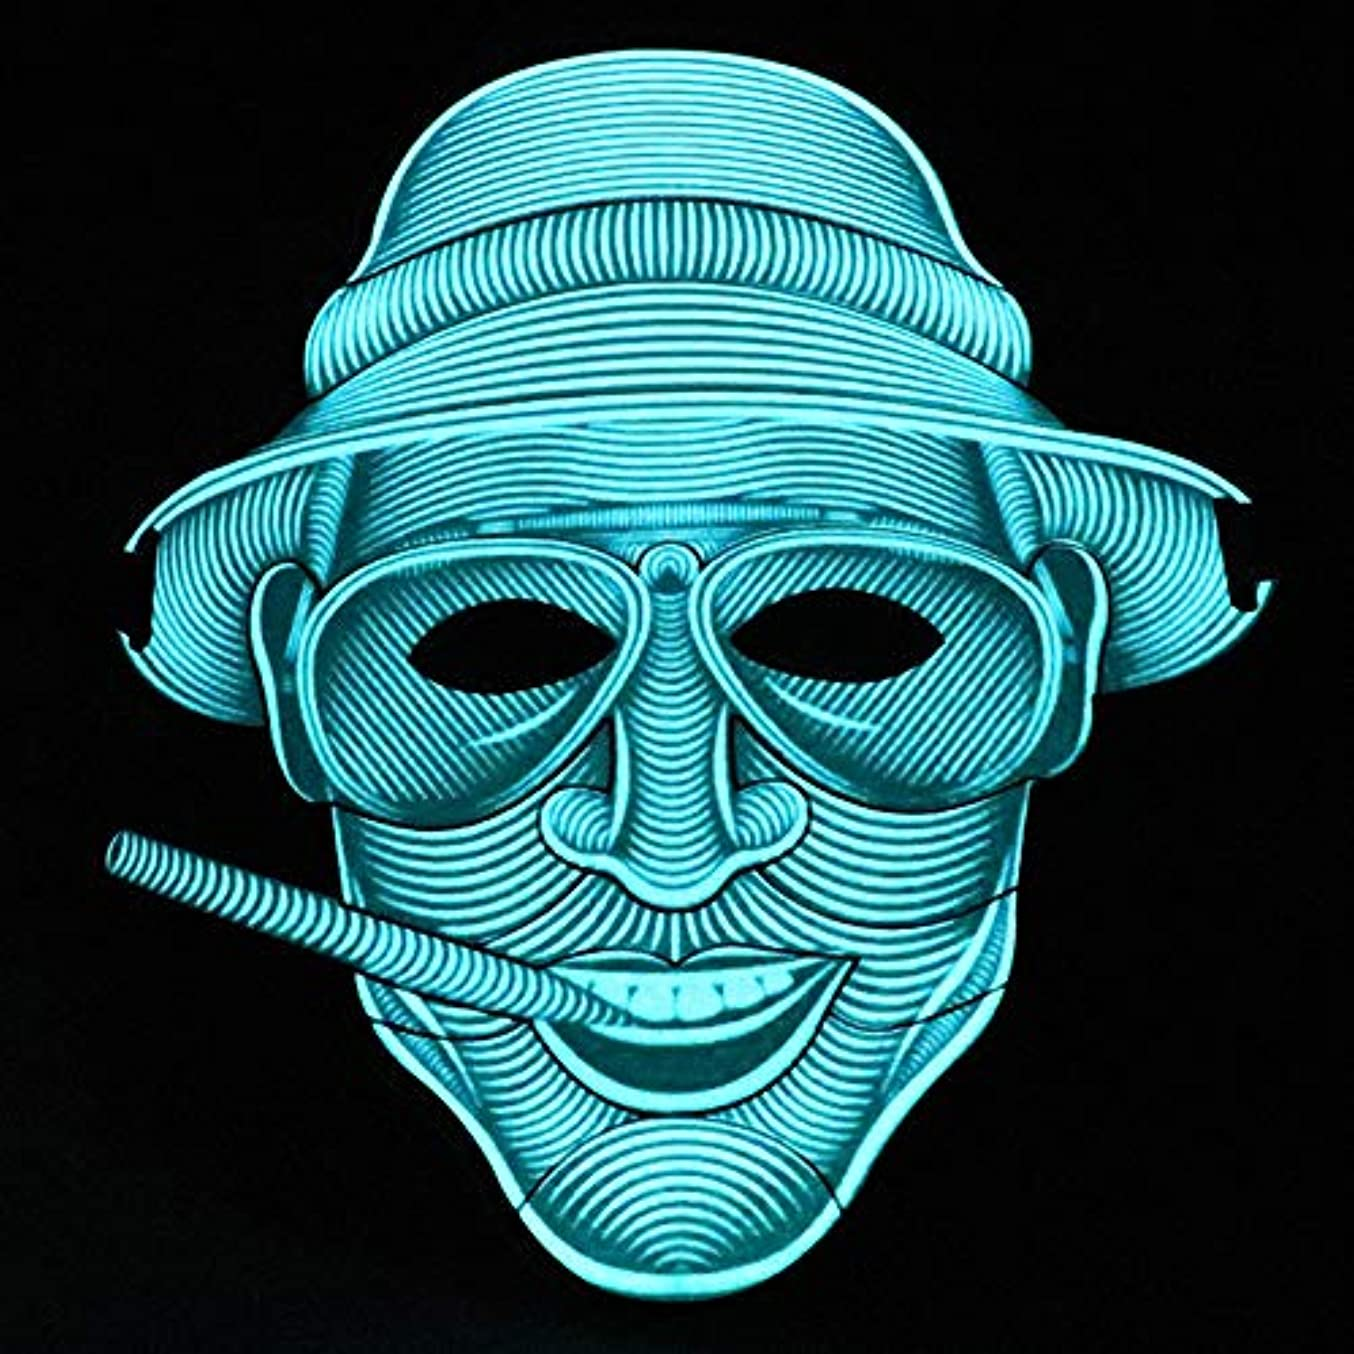 いつも反論者反論者照らされたマスクLED創造的な冷光音響制御マスクハロウィンバーフェスティバルダンスマスク (Color : #14)